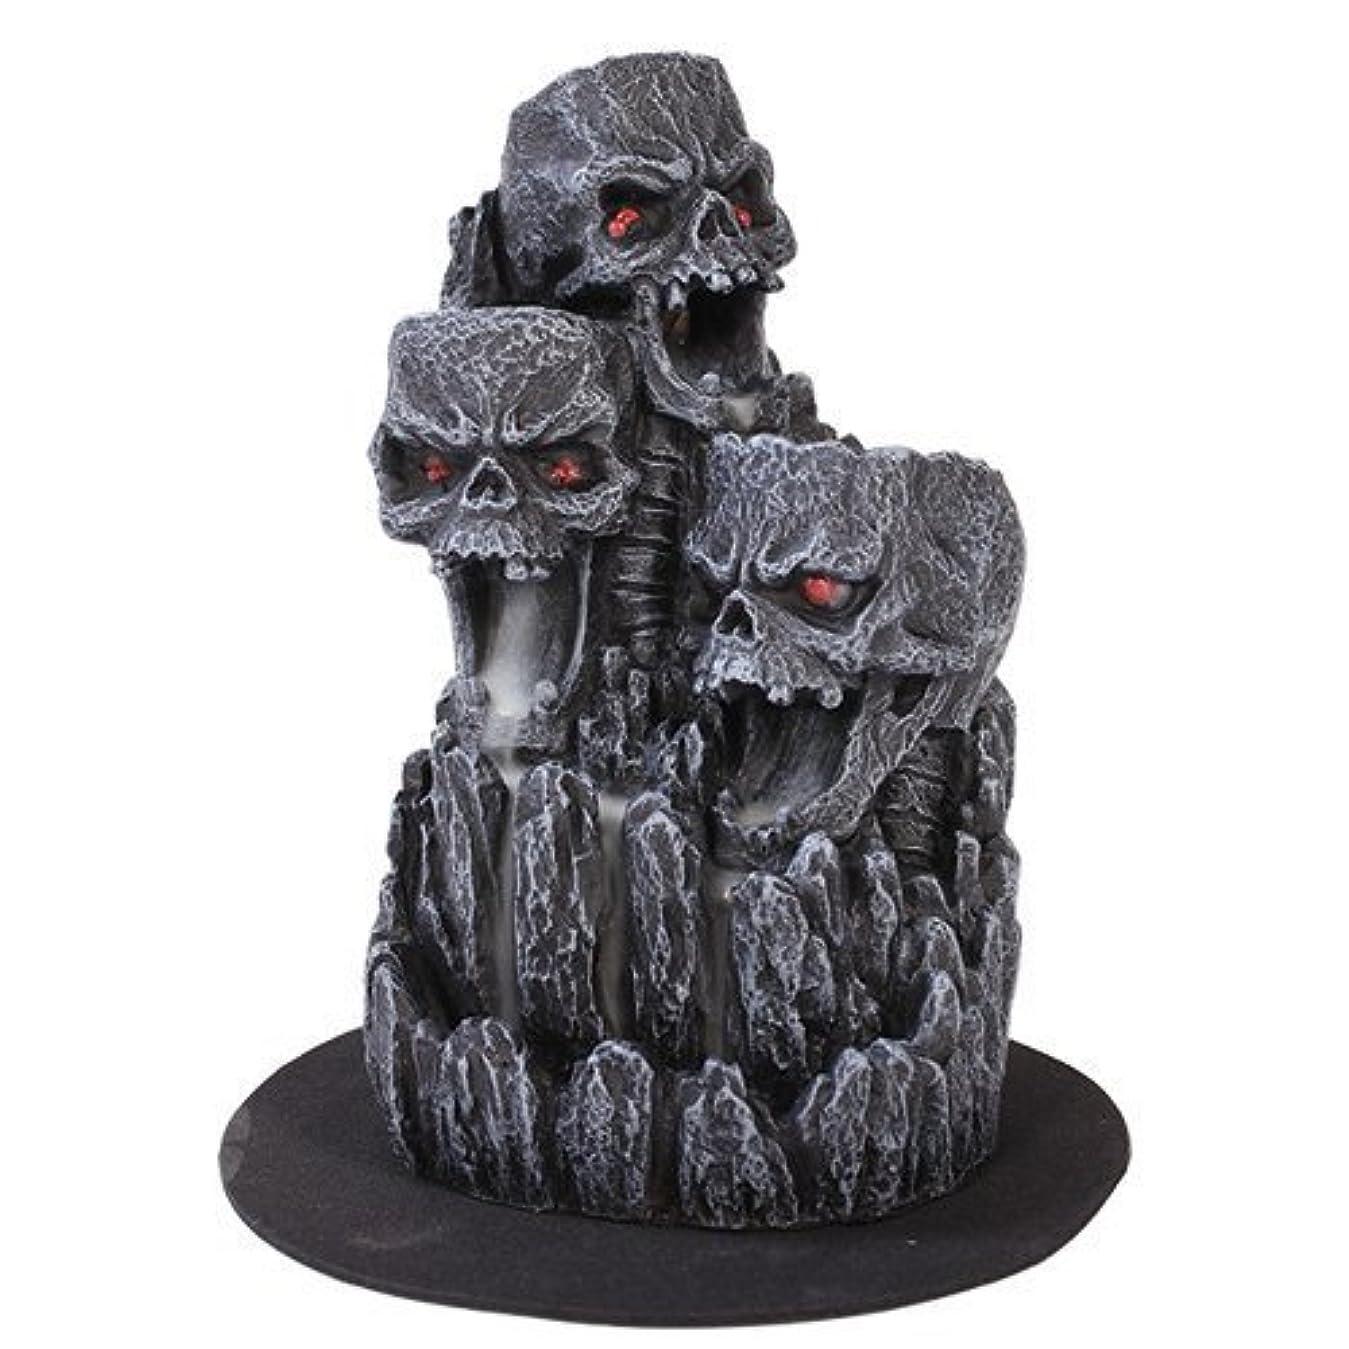 保守的リムメジャーゴシックスカル(お香立て)マウンテンタワー オブジェ Gothic Skull Backflow Incense Tower